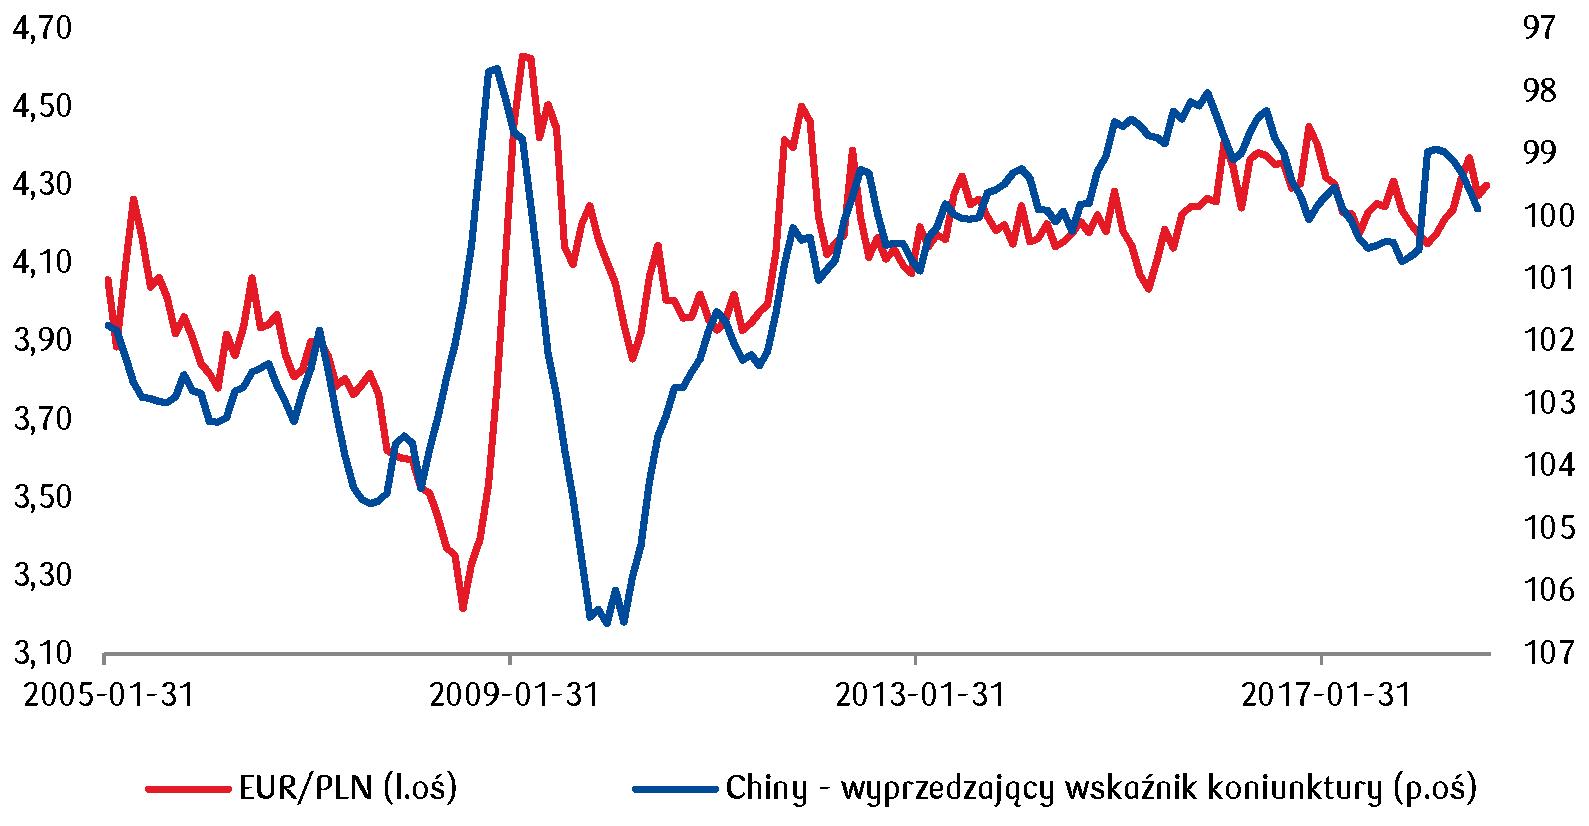 Dalsze spowalnianie Państwa Środka w rezultacie wojen handlowych z USA może negatywnie oddziaływać na wartość złotego w kolejnych miesiącach